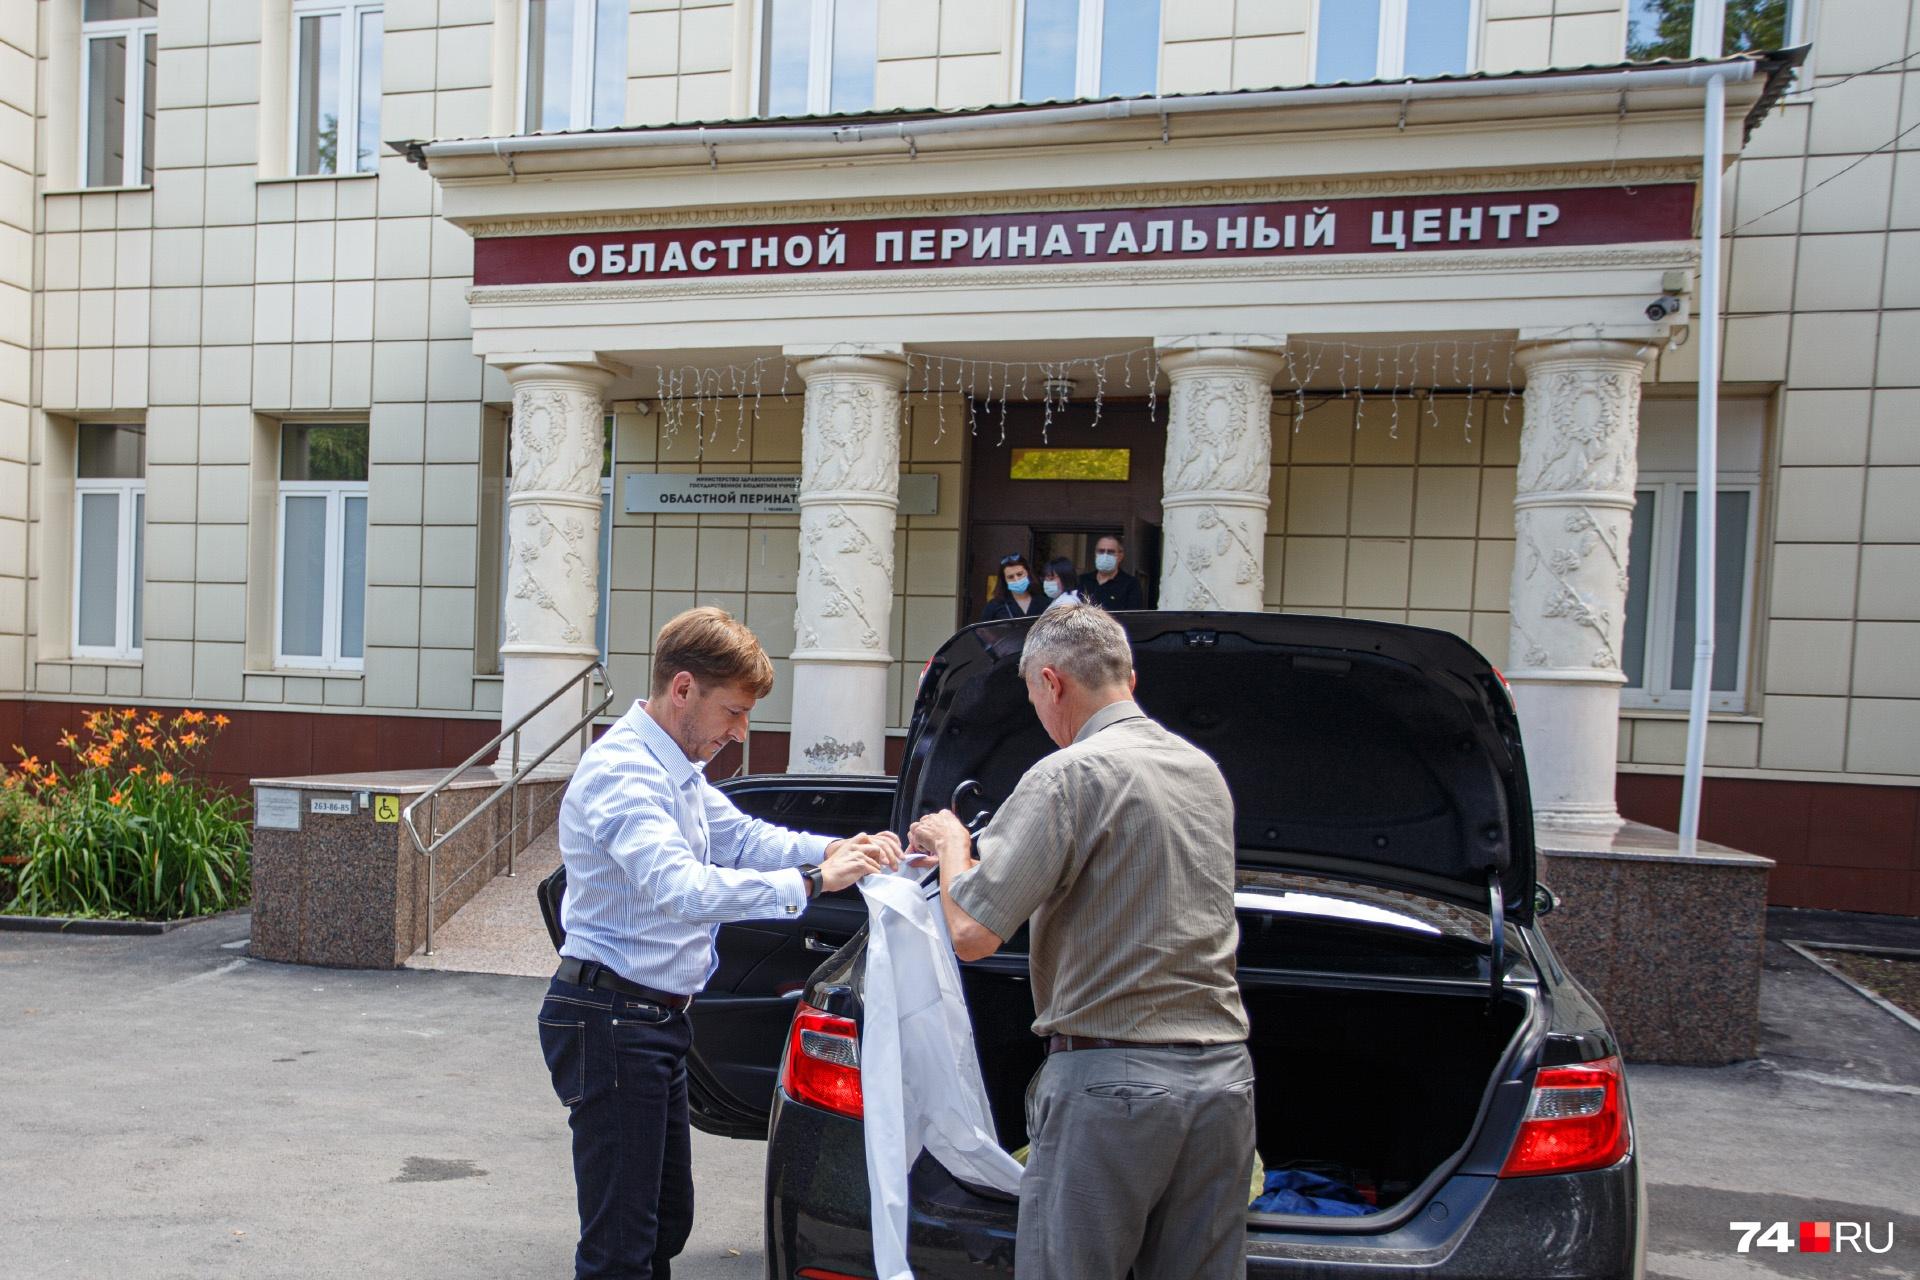 Ковидные койки в регионе не заполнены и наполовину, но Юрий Семёнов (на фото слева) уверен, что их надо ещё больше